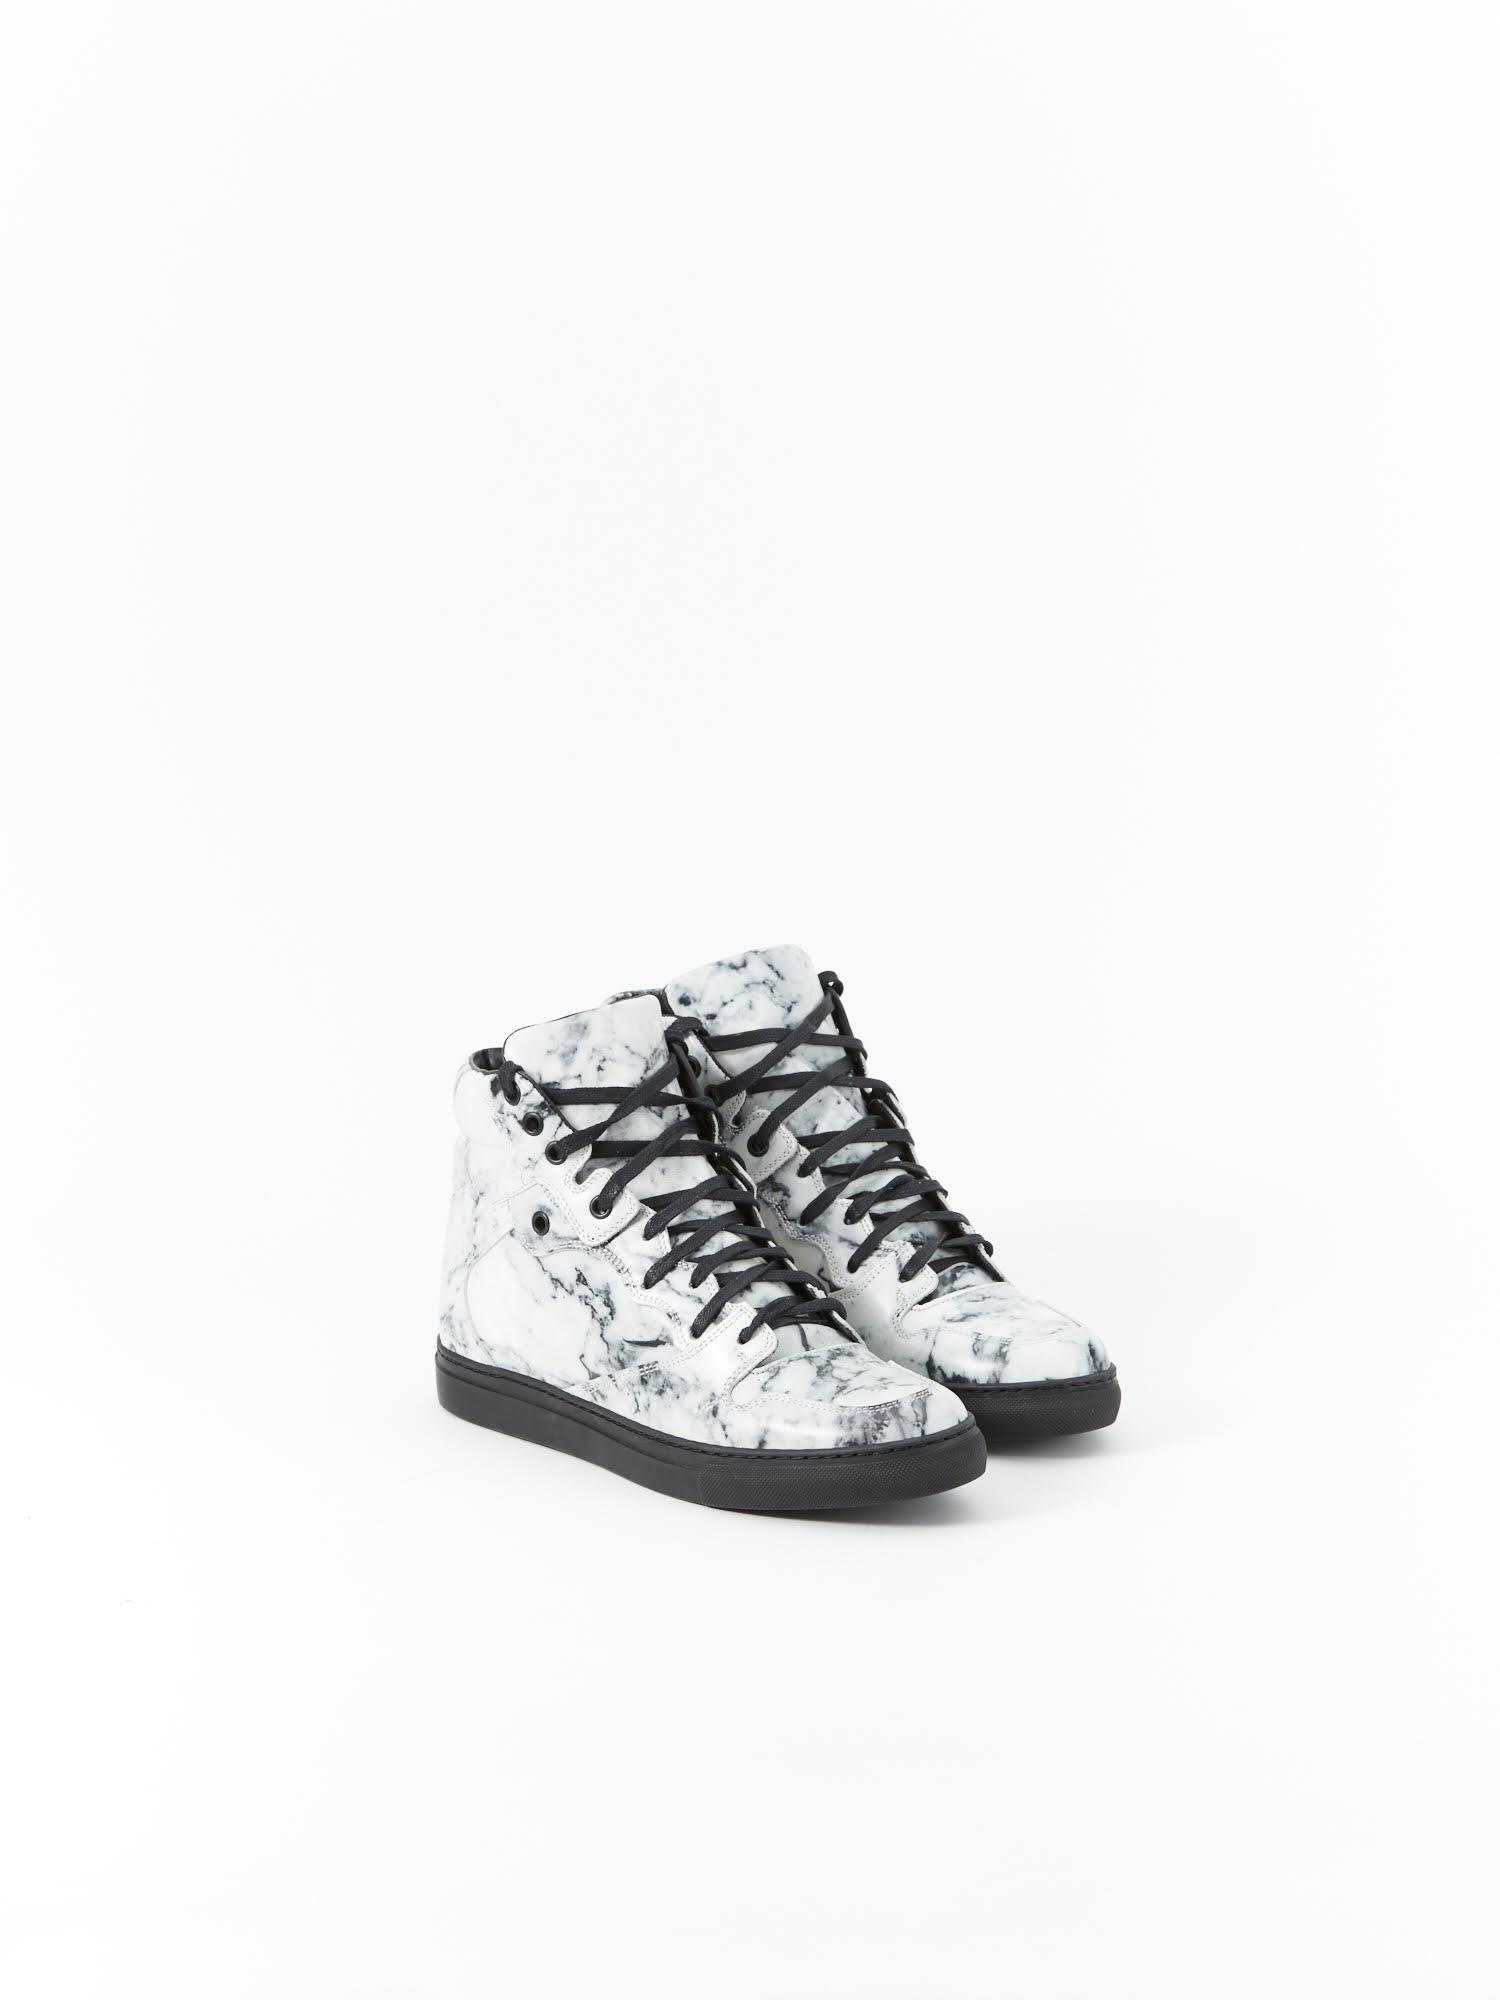 Balenciaga Marble High Top Sneakers | RUSE